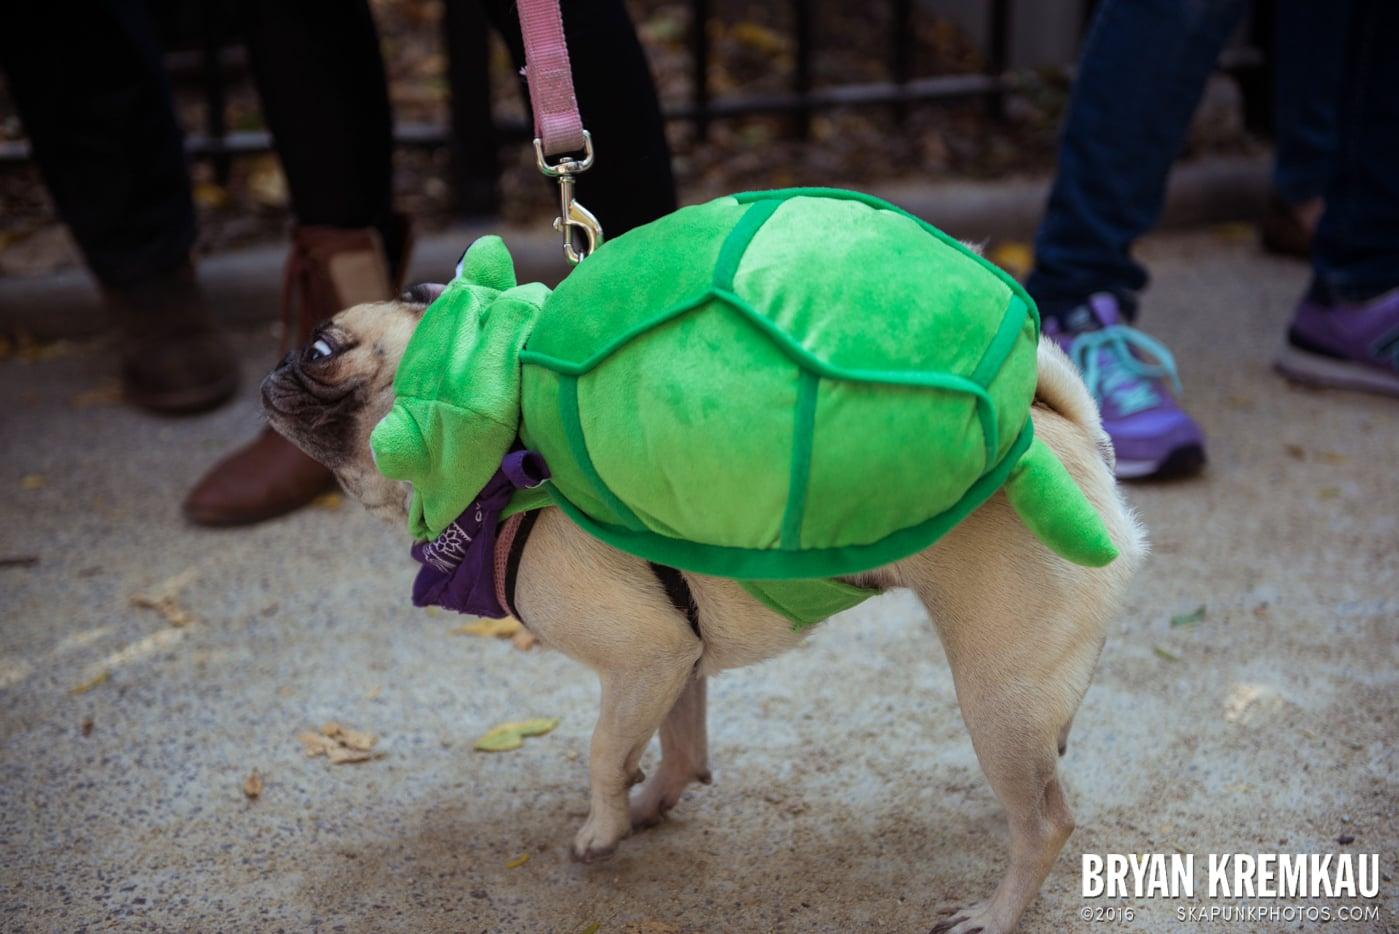 Tompkins Square Halloween Dog Parade 2013 @ Tompkins Square Park, NYC - 10.26.13 (50)